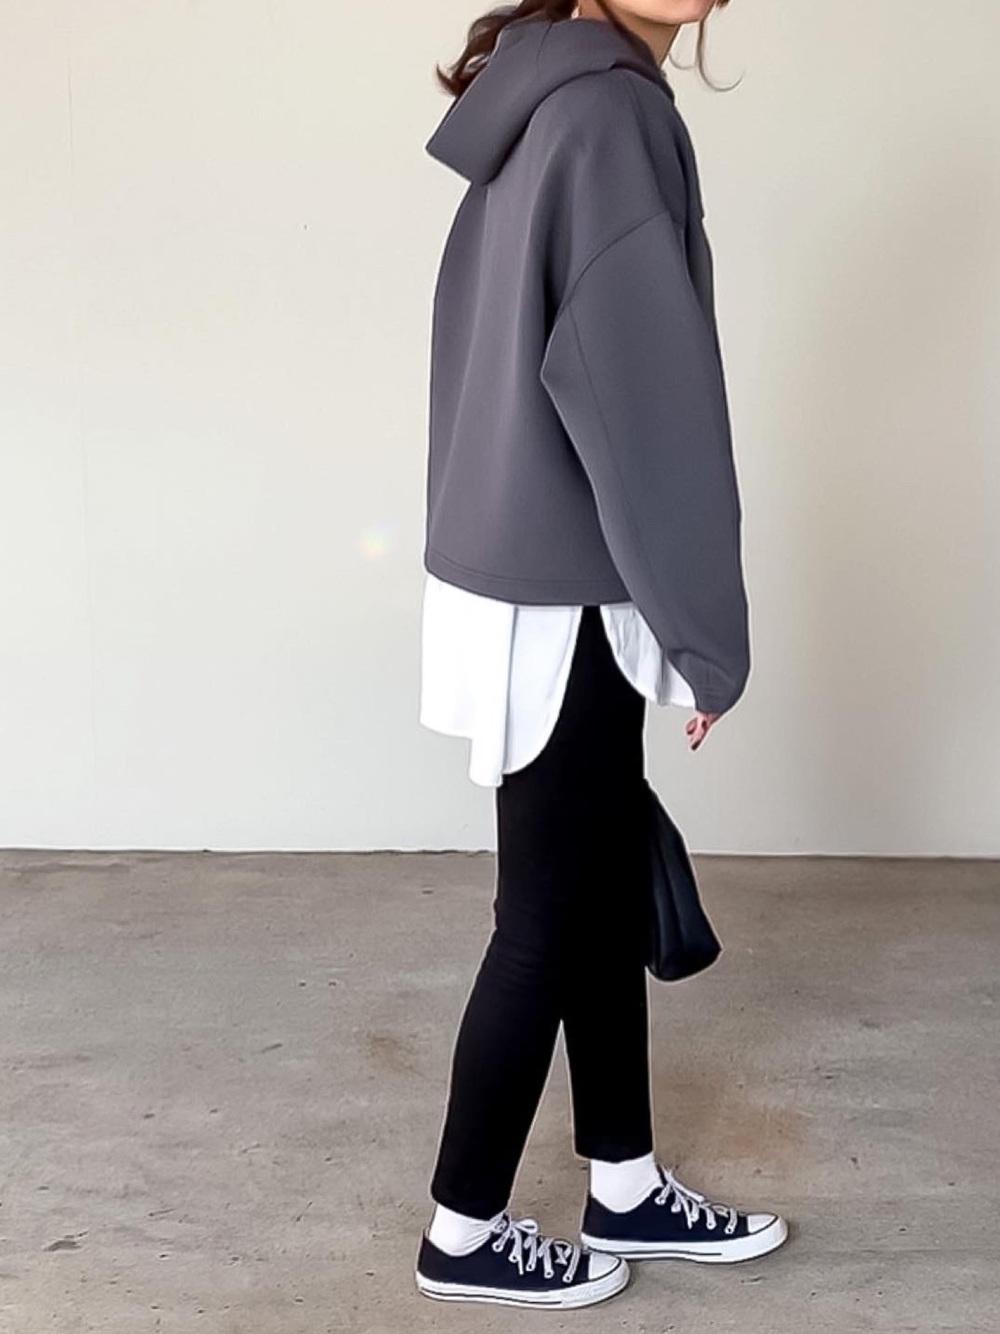 グレーパーカーに白シャツと黒スキニーを着用している女性の写真